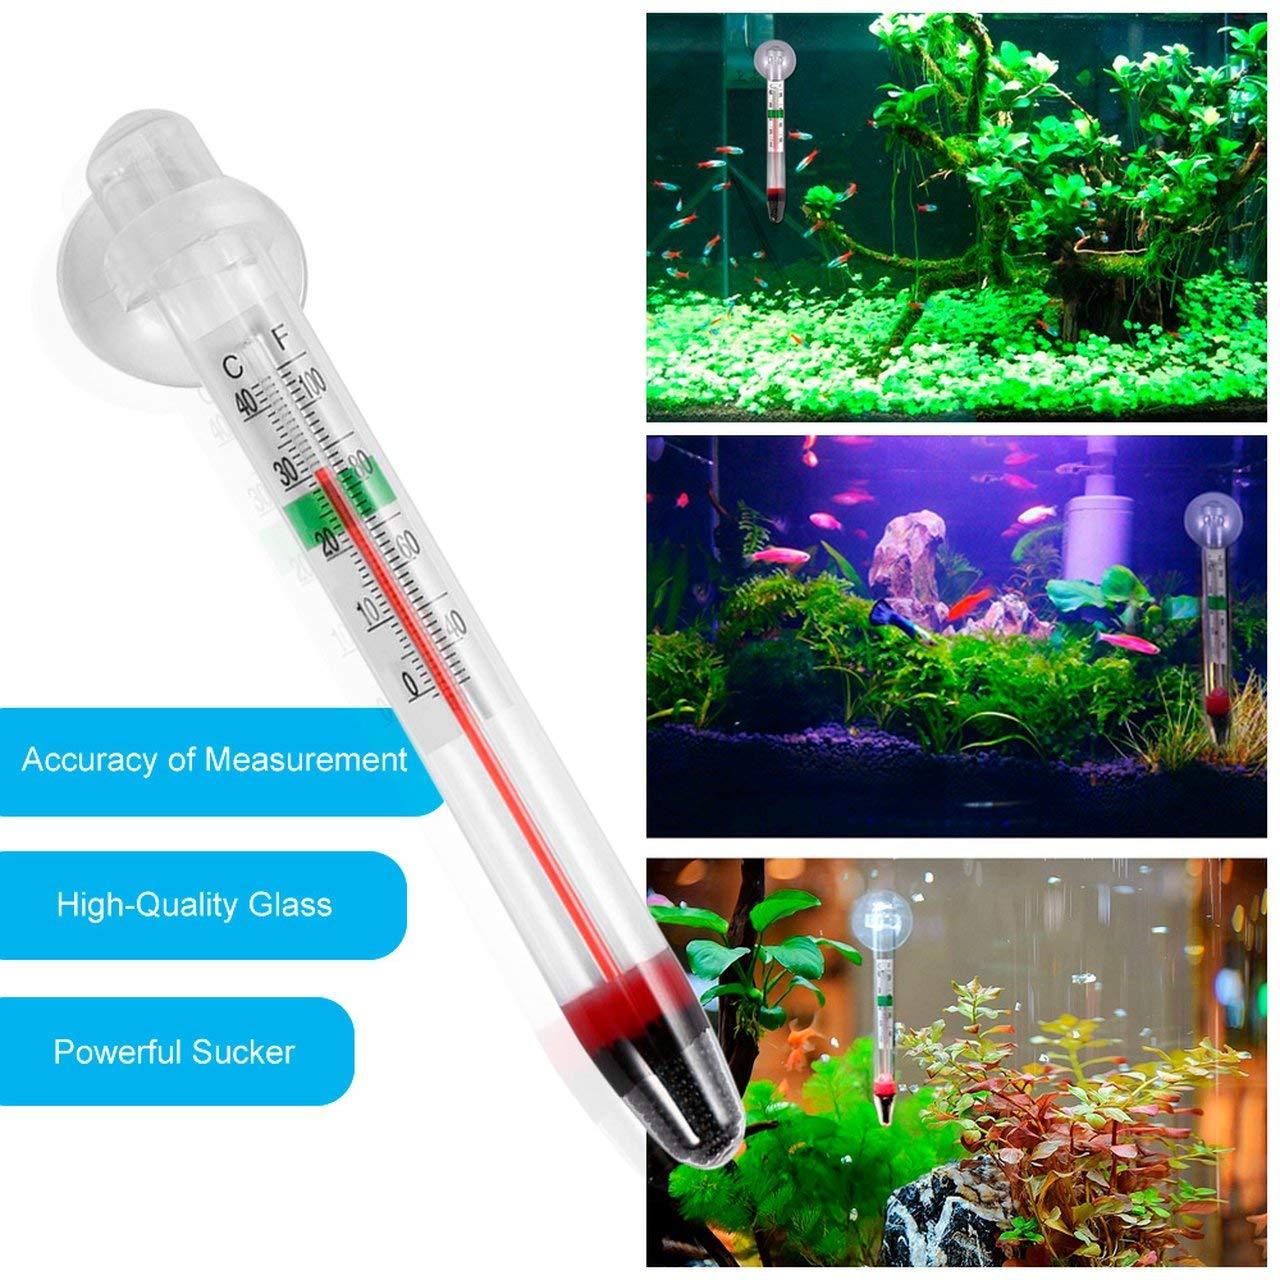 ESjasnyfall Medidor de Vidrio Acuario Tanque de Peces Term/ómetro de Temperatura del Agua con Ventosa Hogar Digital 0-44 Grados CE Blanco